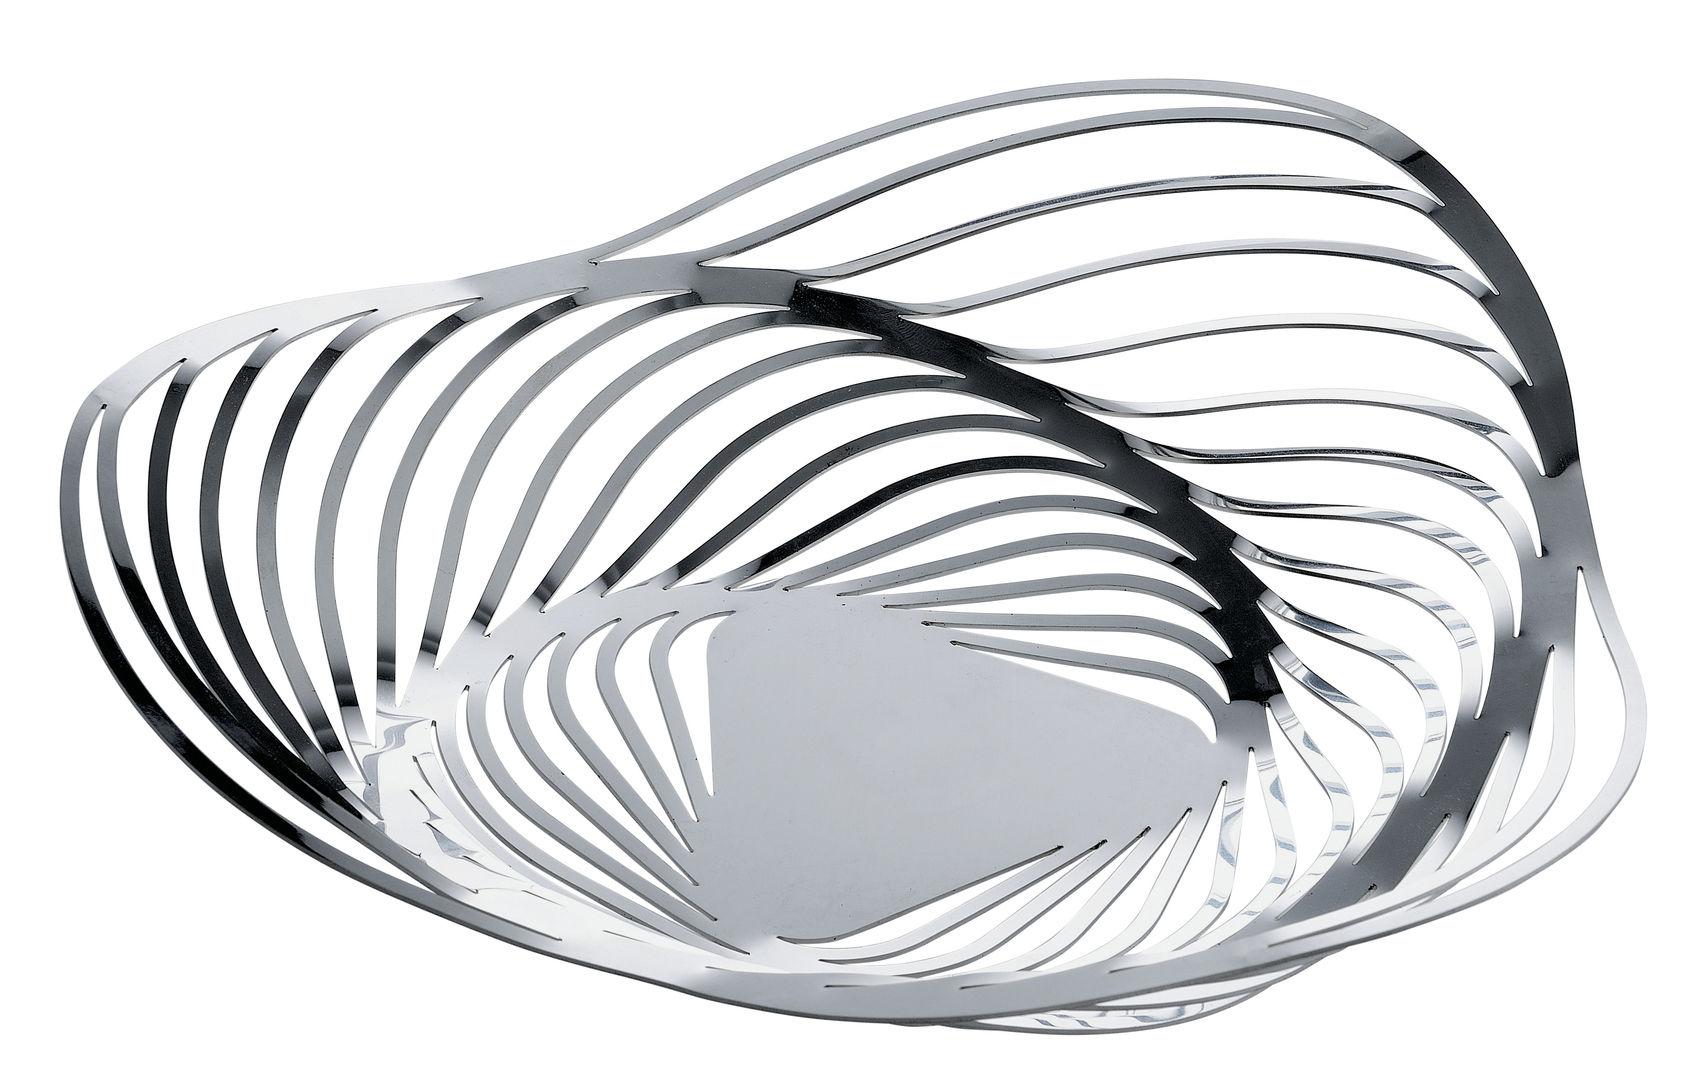 Tischkultur - Körbe, Fruchtkörbe und Tischgestecke - Trinity Korb / Ø 33 x H 8 cm - Alessi - Edelstahl, poliert - polierter Stahl